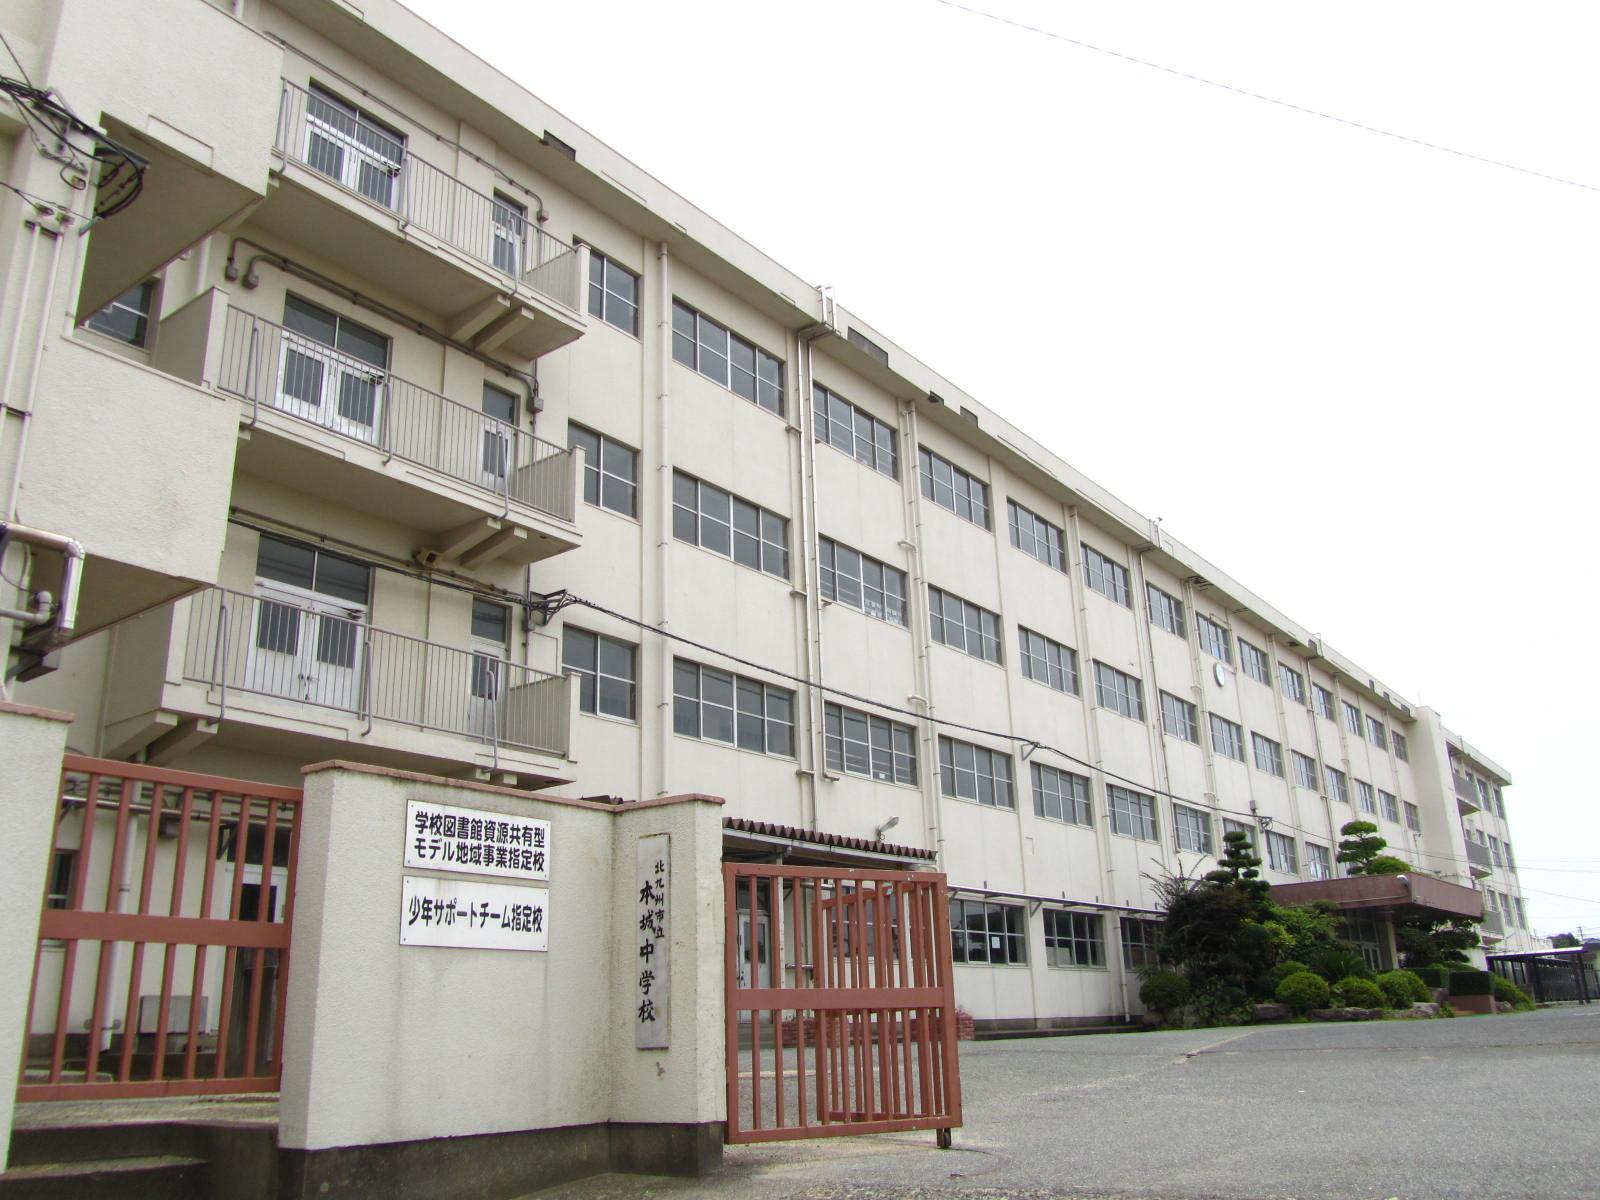 中学校:北九州市立本城中学校 1100m